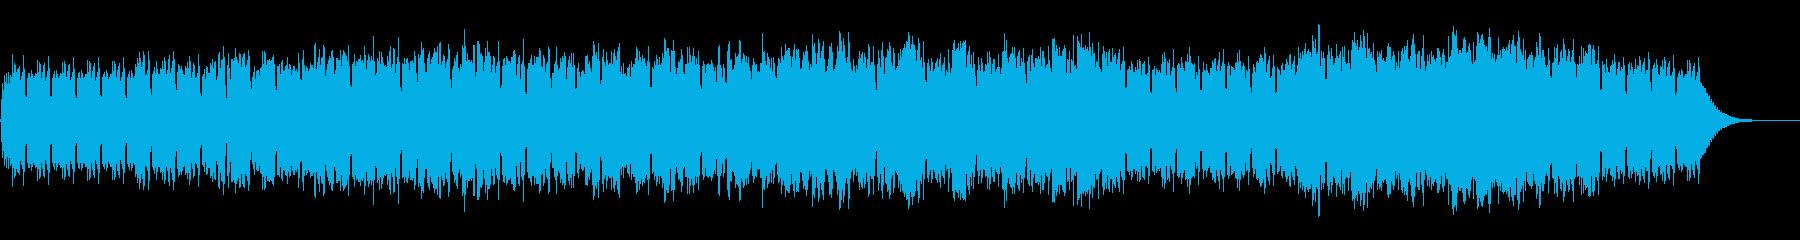 ニューエイジ研究所インスピレーショ...の再生済みの波形